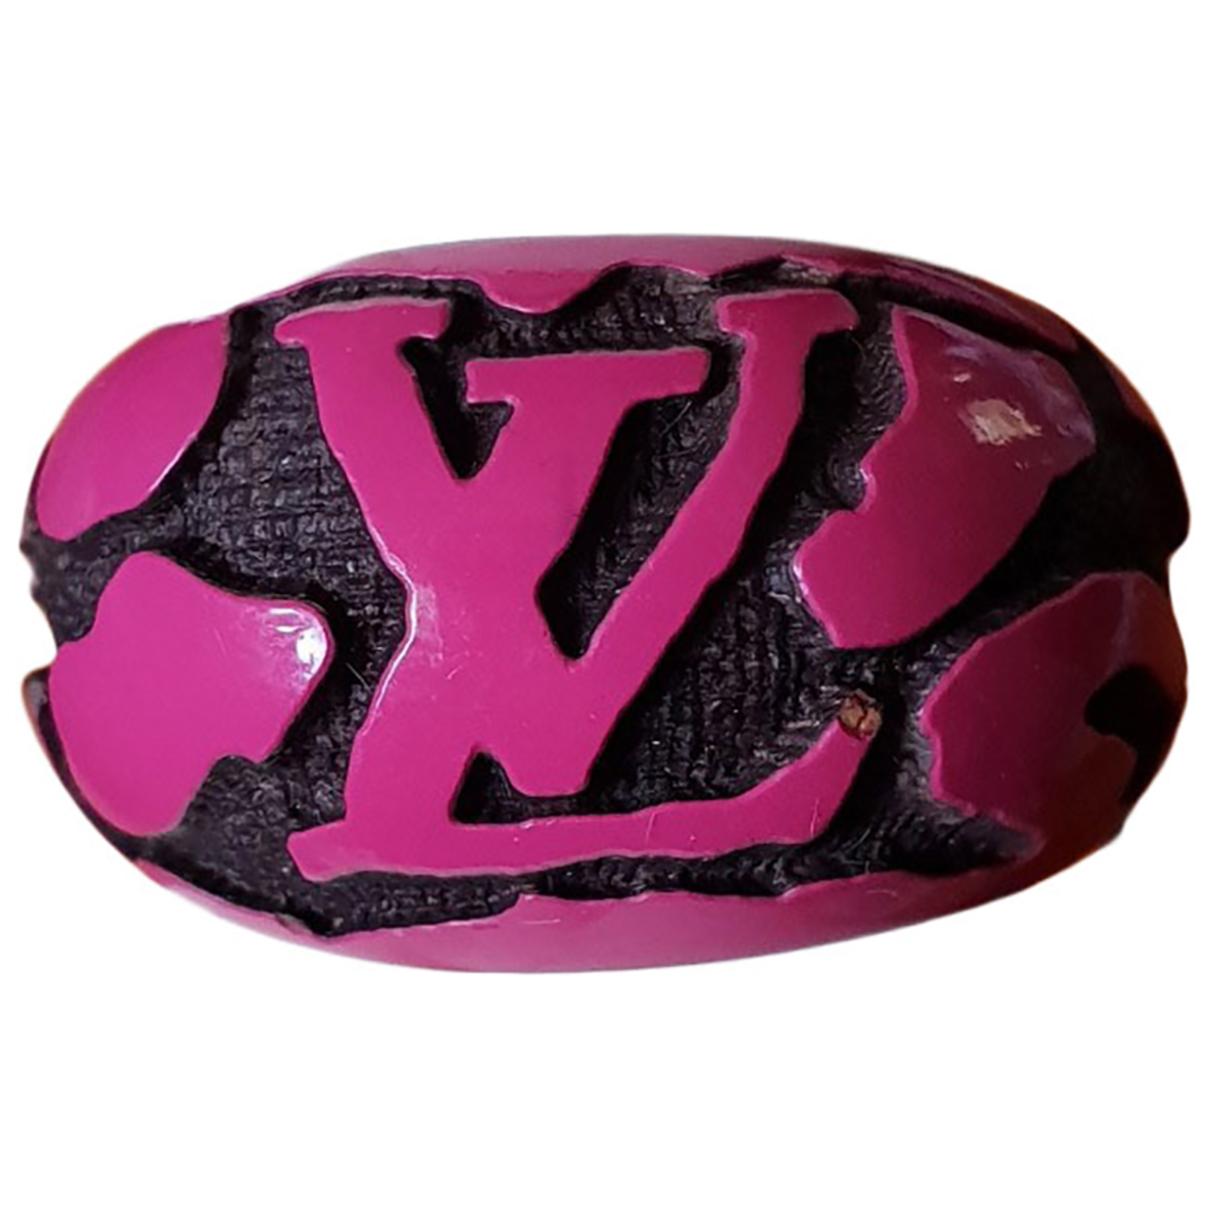 Louis Vuitton - Bague   pour femme en bois - rose